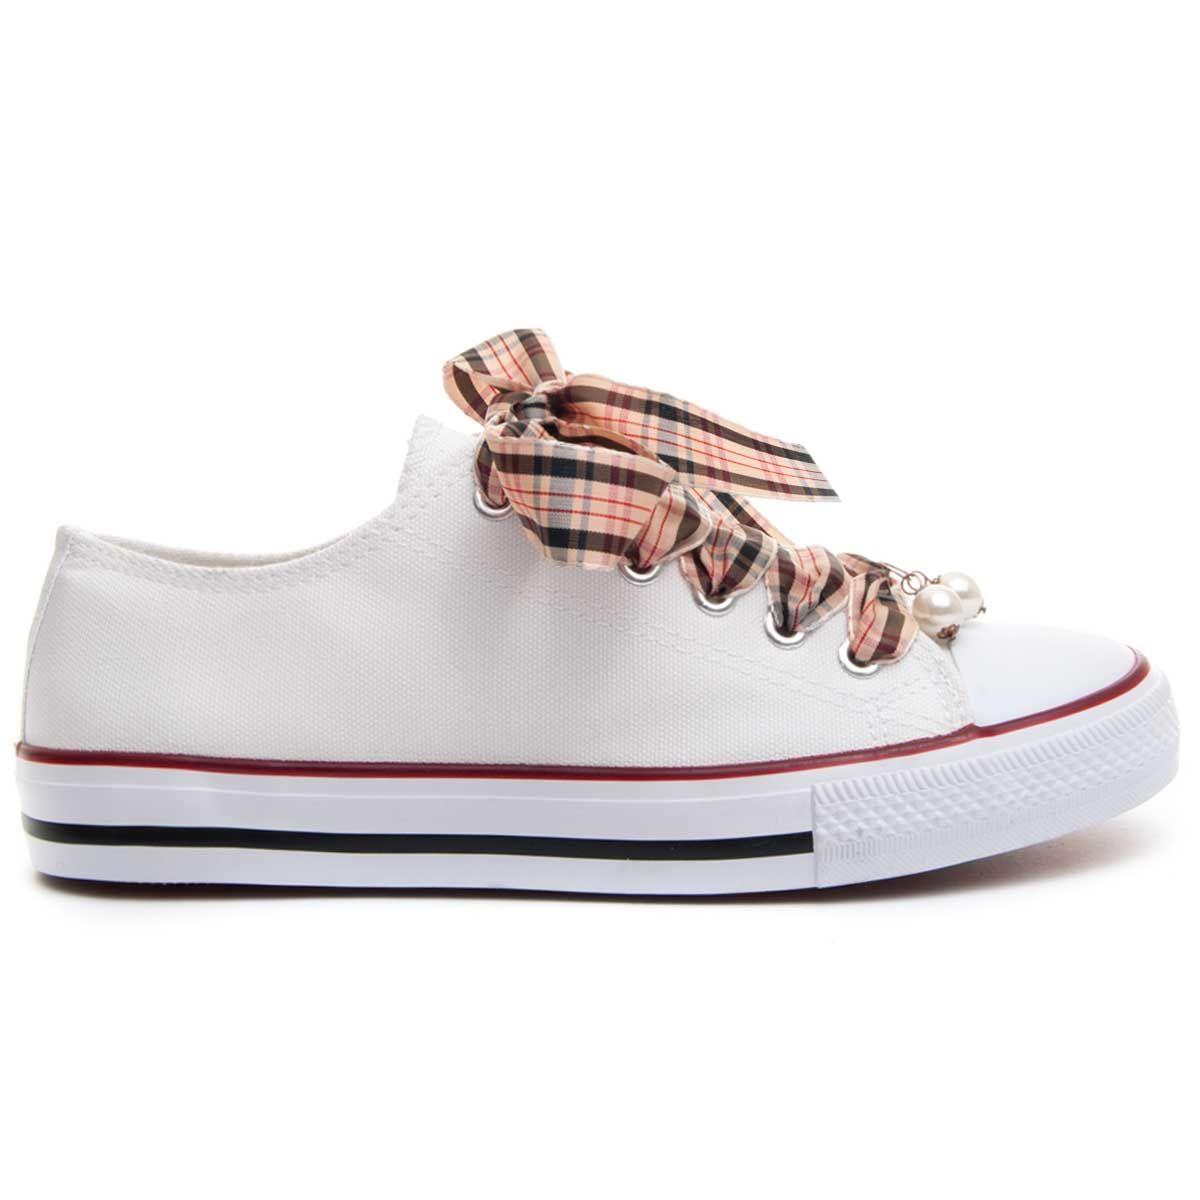 Montevita Ribbon Lace Sneaker in White